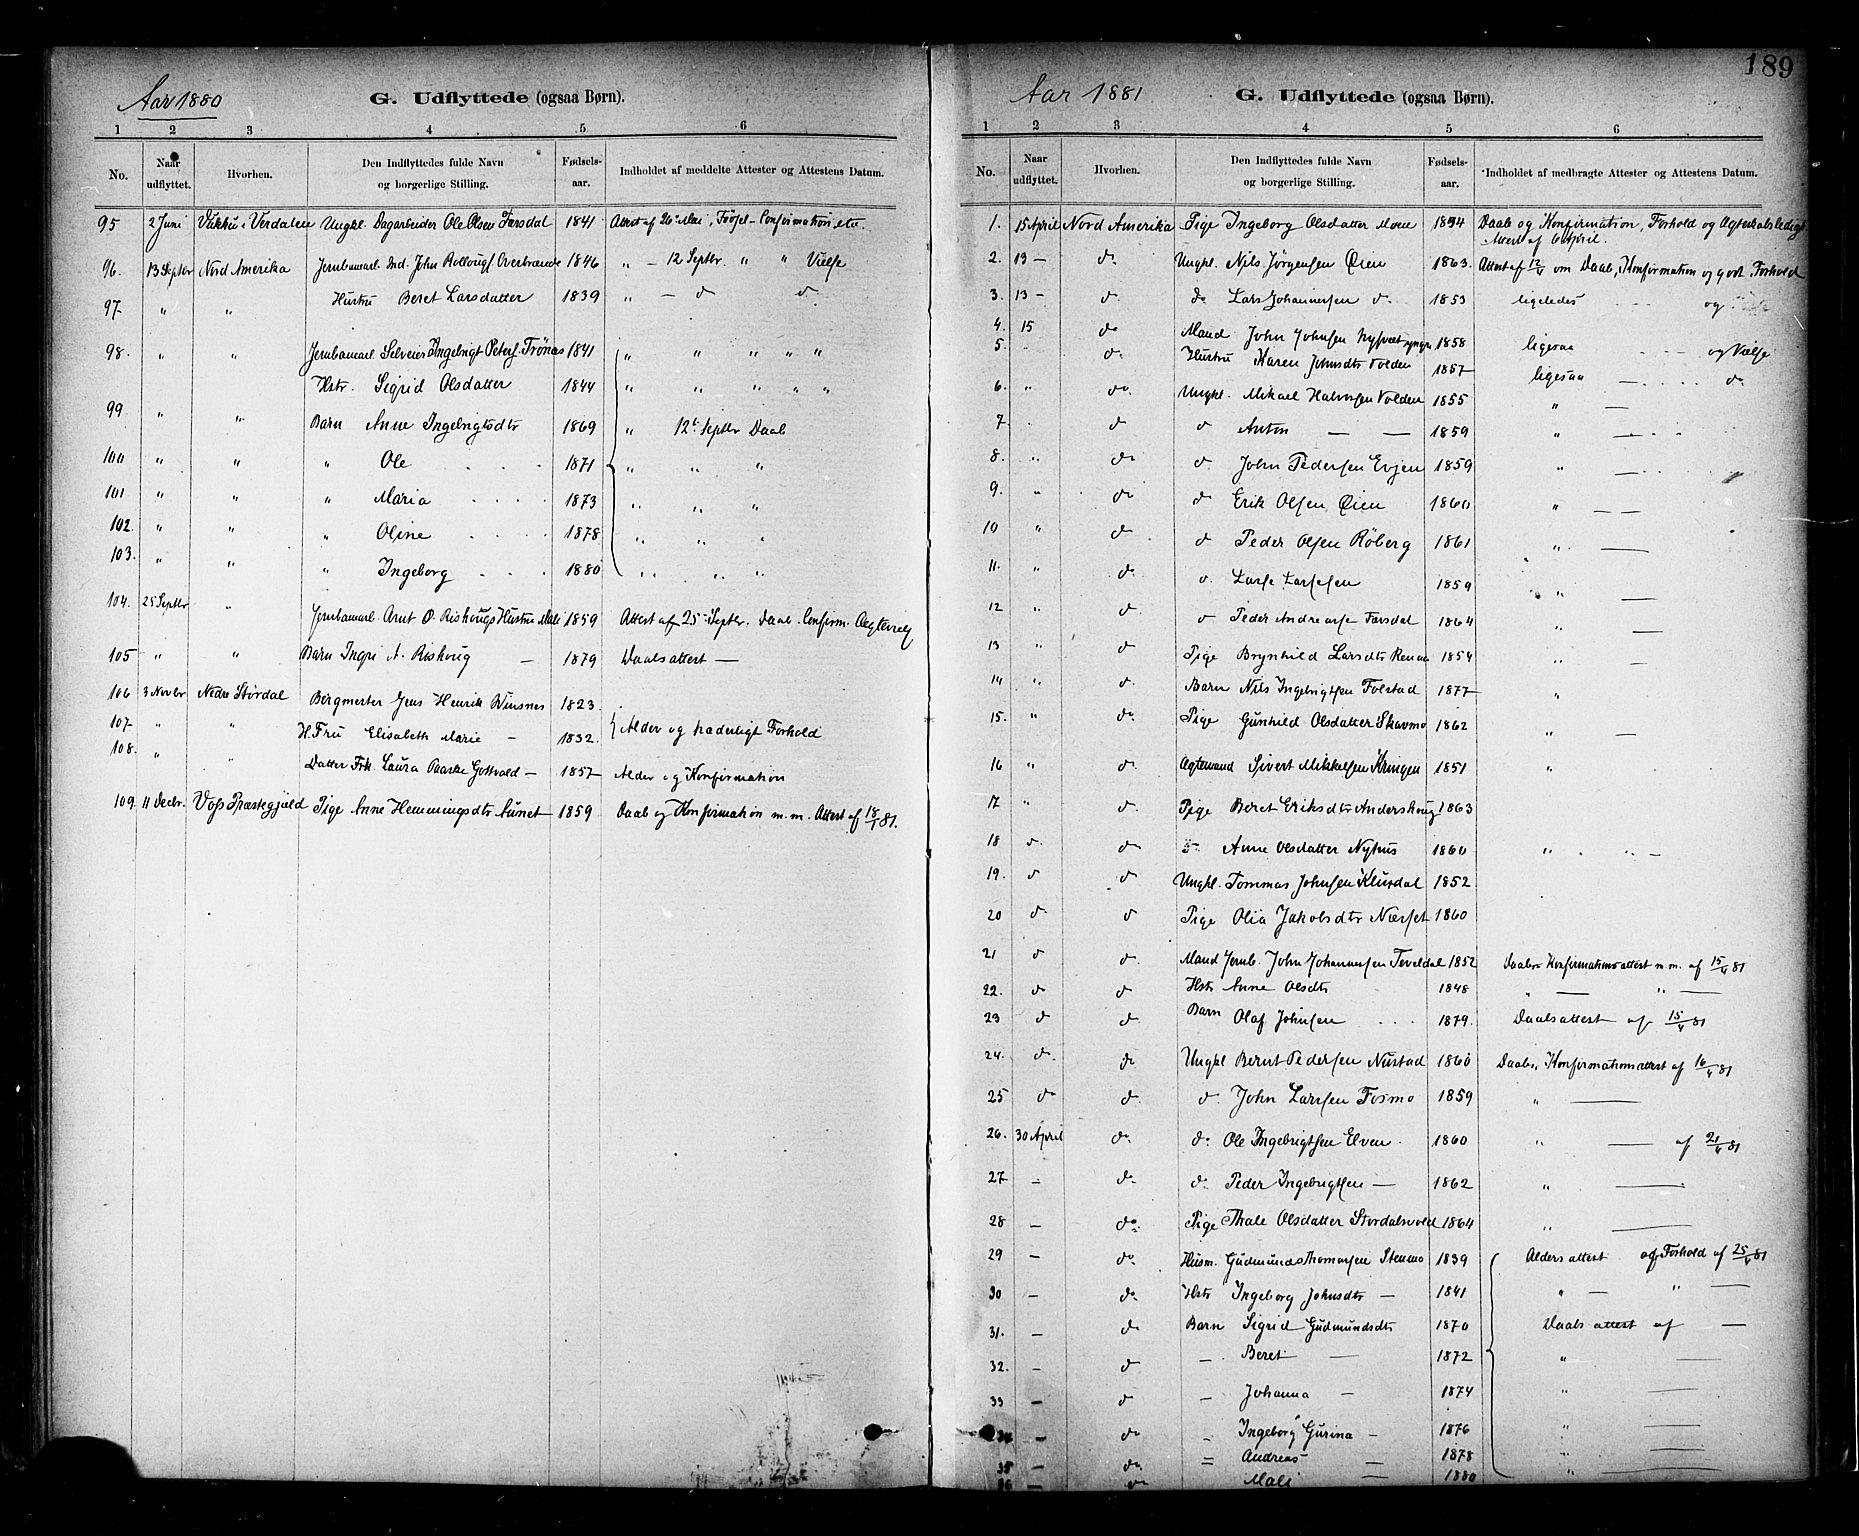 SAT, Ministerialprotokoller, klokkerbøker og fødselsregistre - Nord-Trøndelag, 706/L0047: Parish register (official) no. 706A03, 1878-1892, p. 189